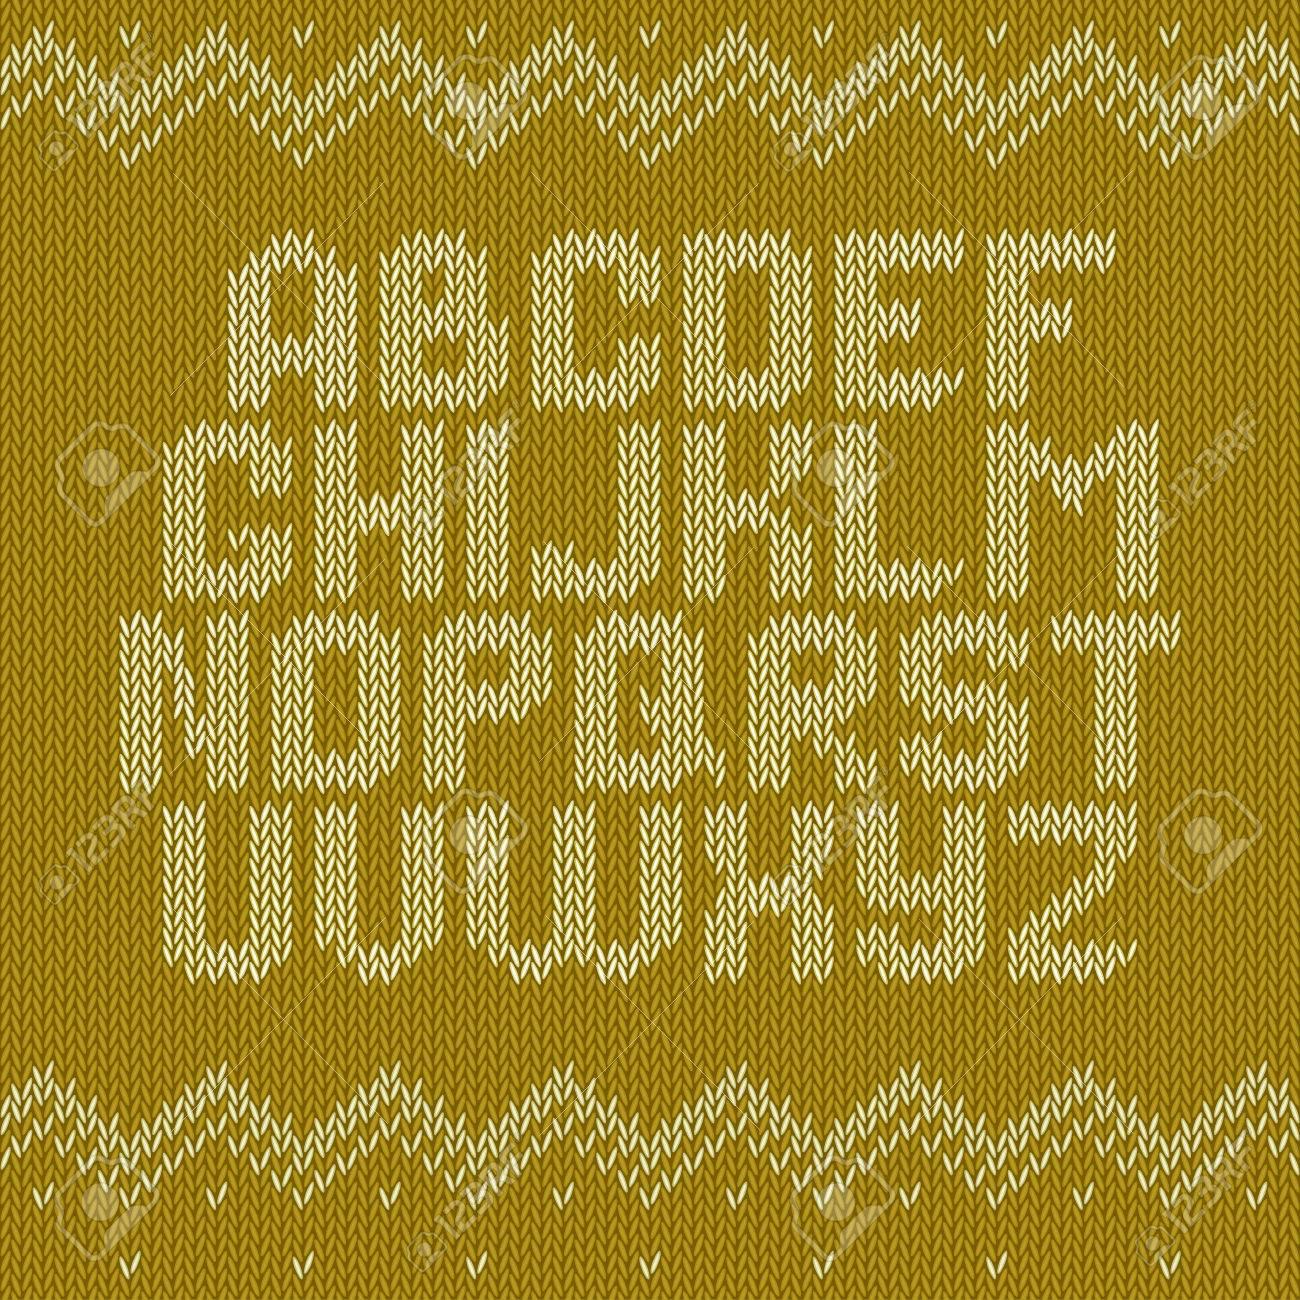 Alfabeto Punto En El Fondo Amarillo. La Fuente De Navidad En Crochet ...